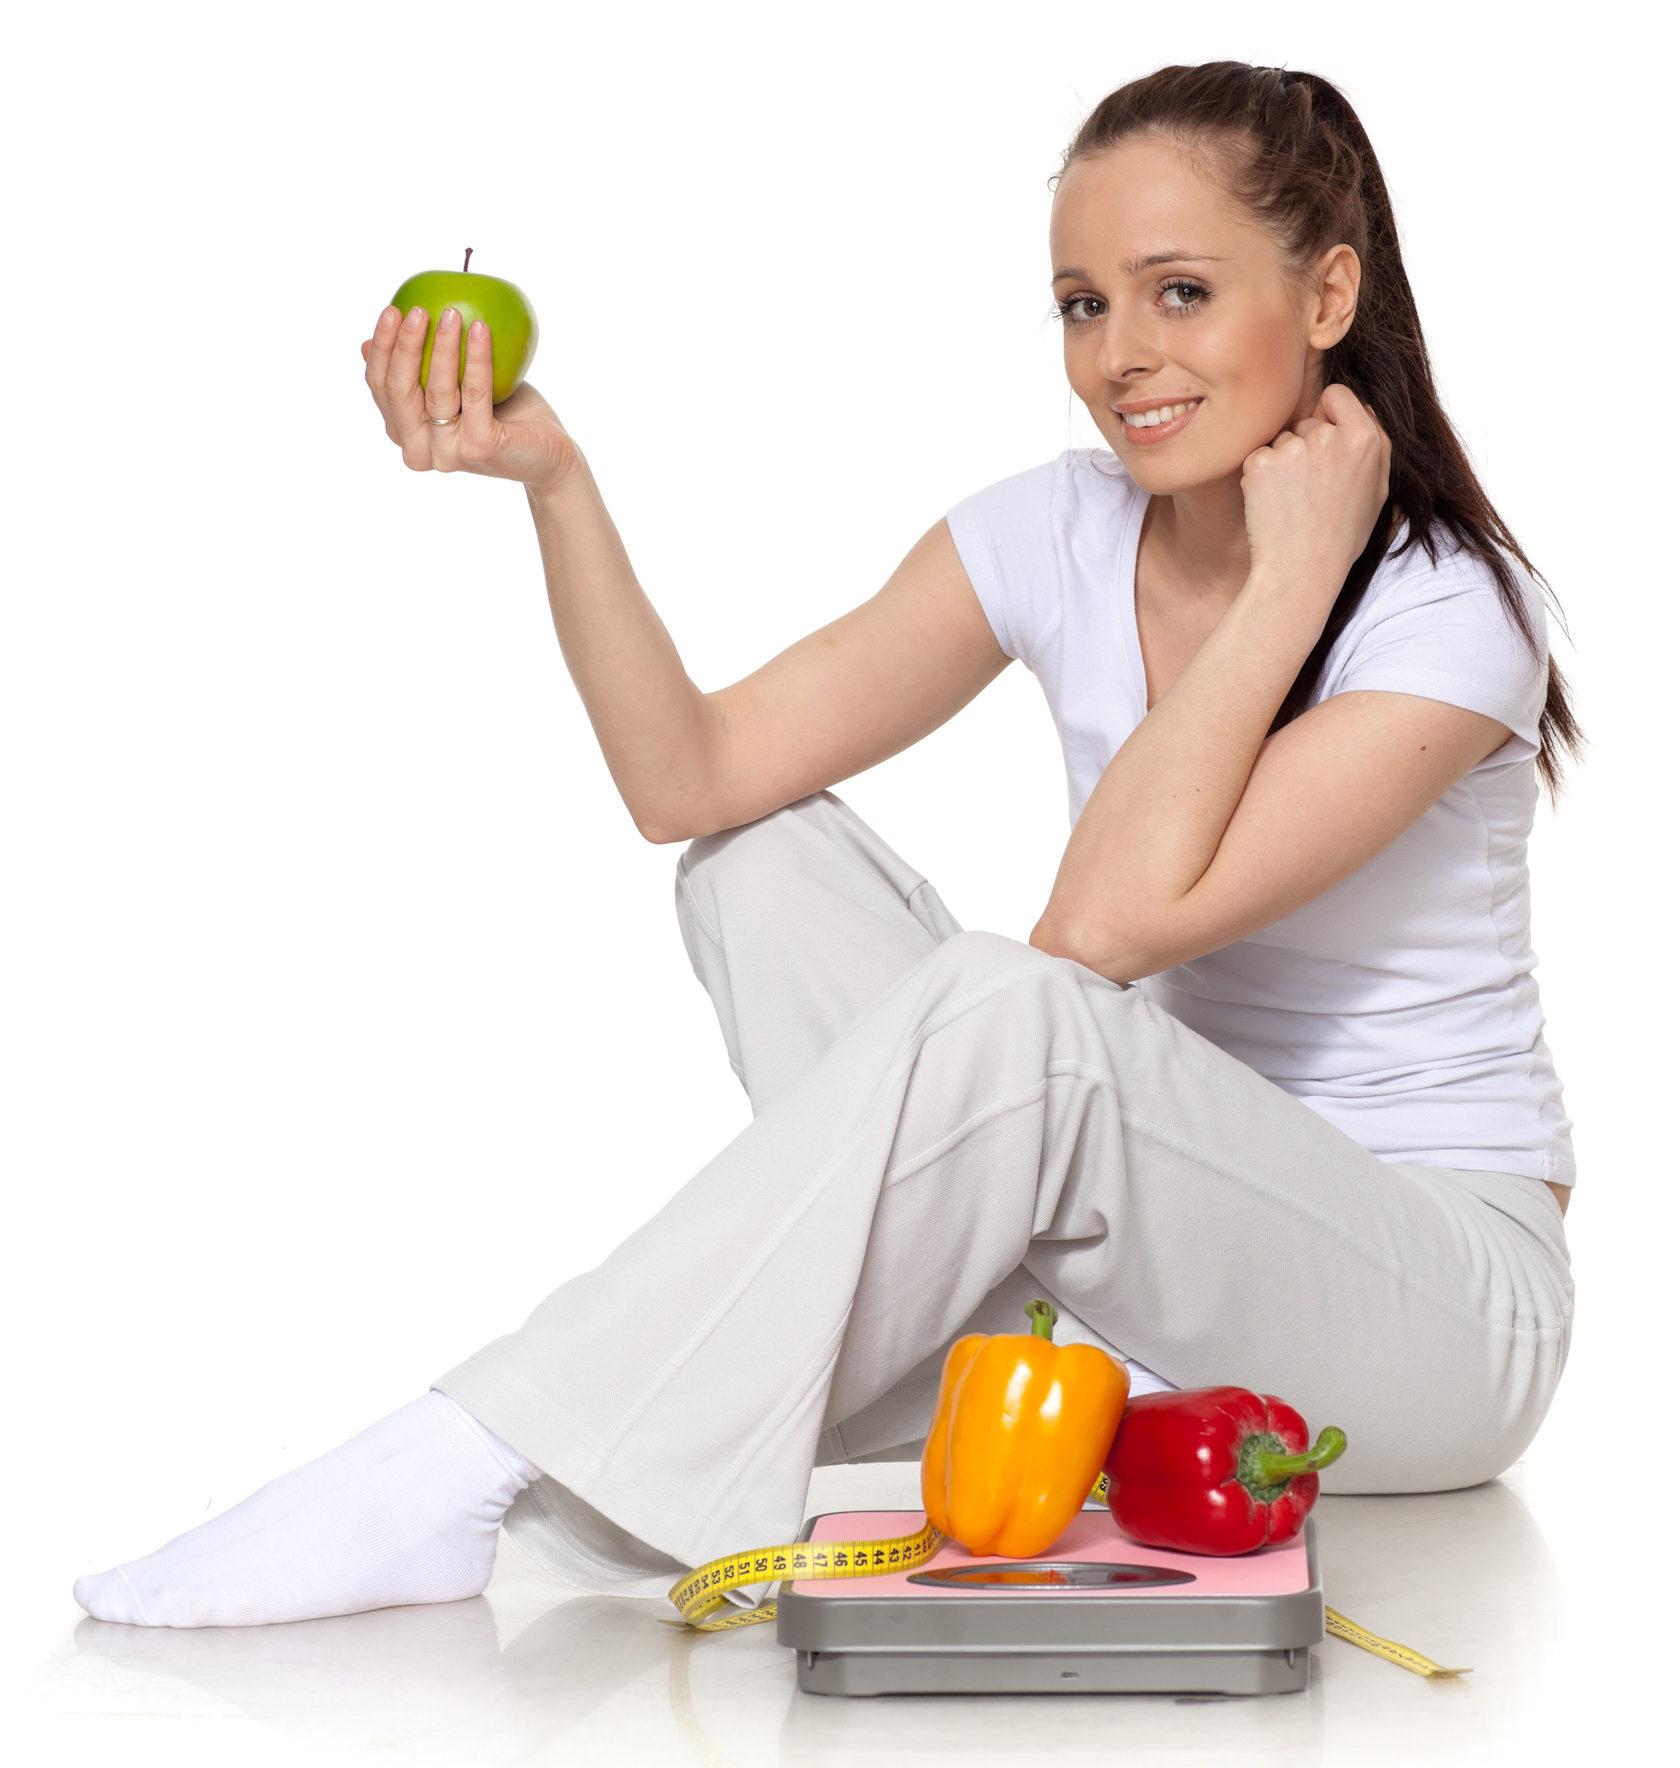 Похудение Советы И Отзывы. Как можно реально похудеть в домашних условиях, отзывы худеющих людей